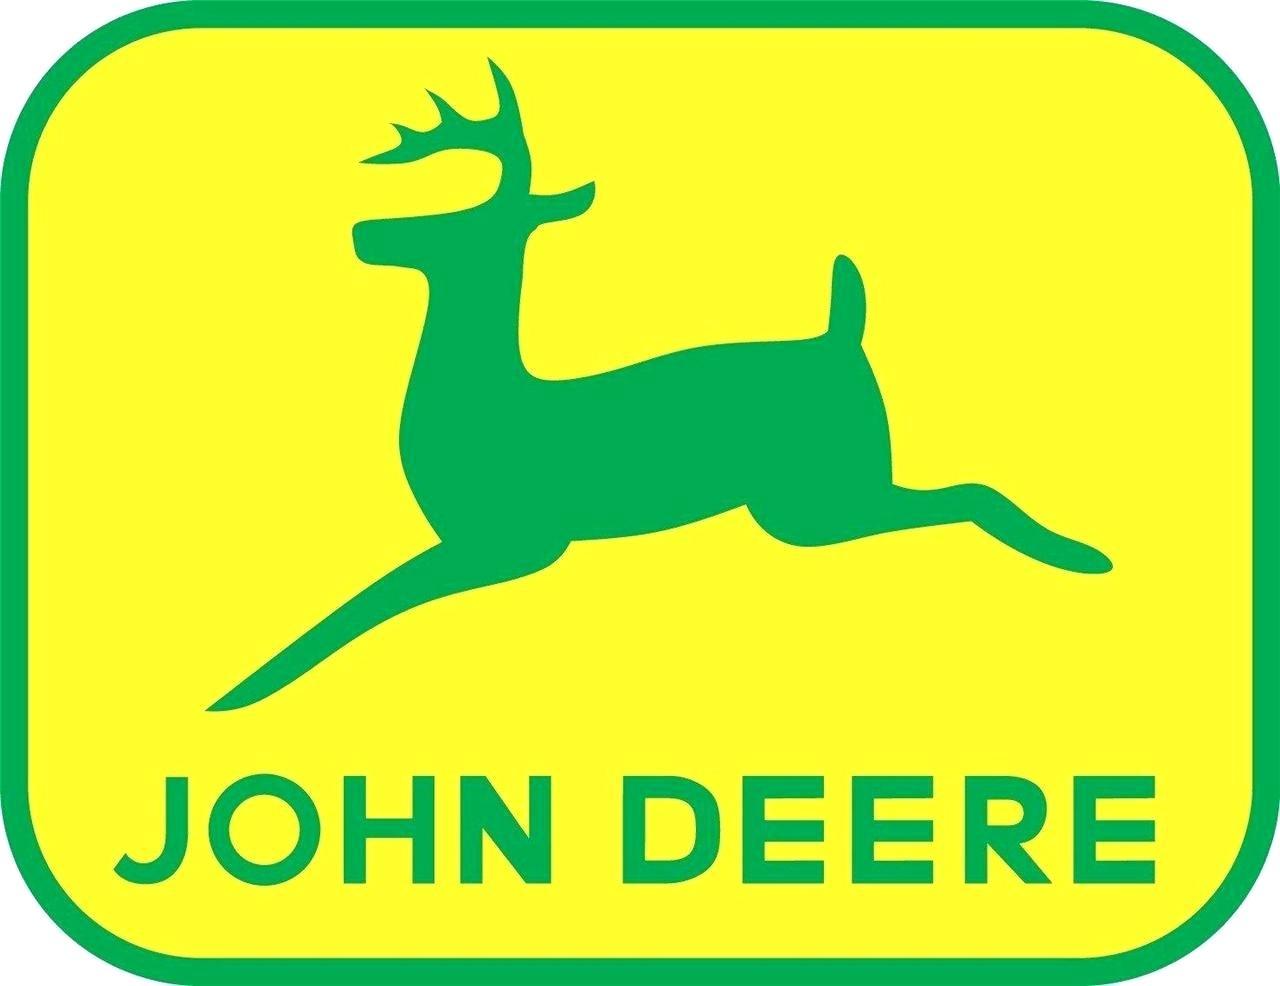 1280x986 John Deere Wall Decal John Clip Art John Tractor Centerpiece Wall